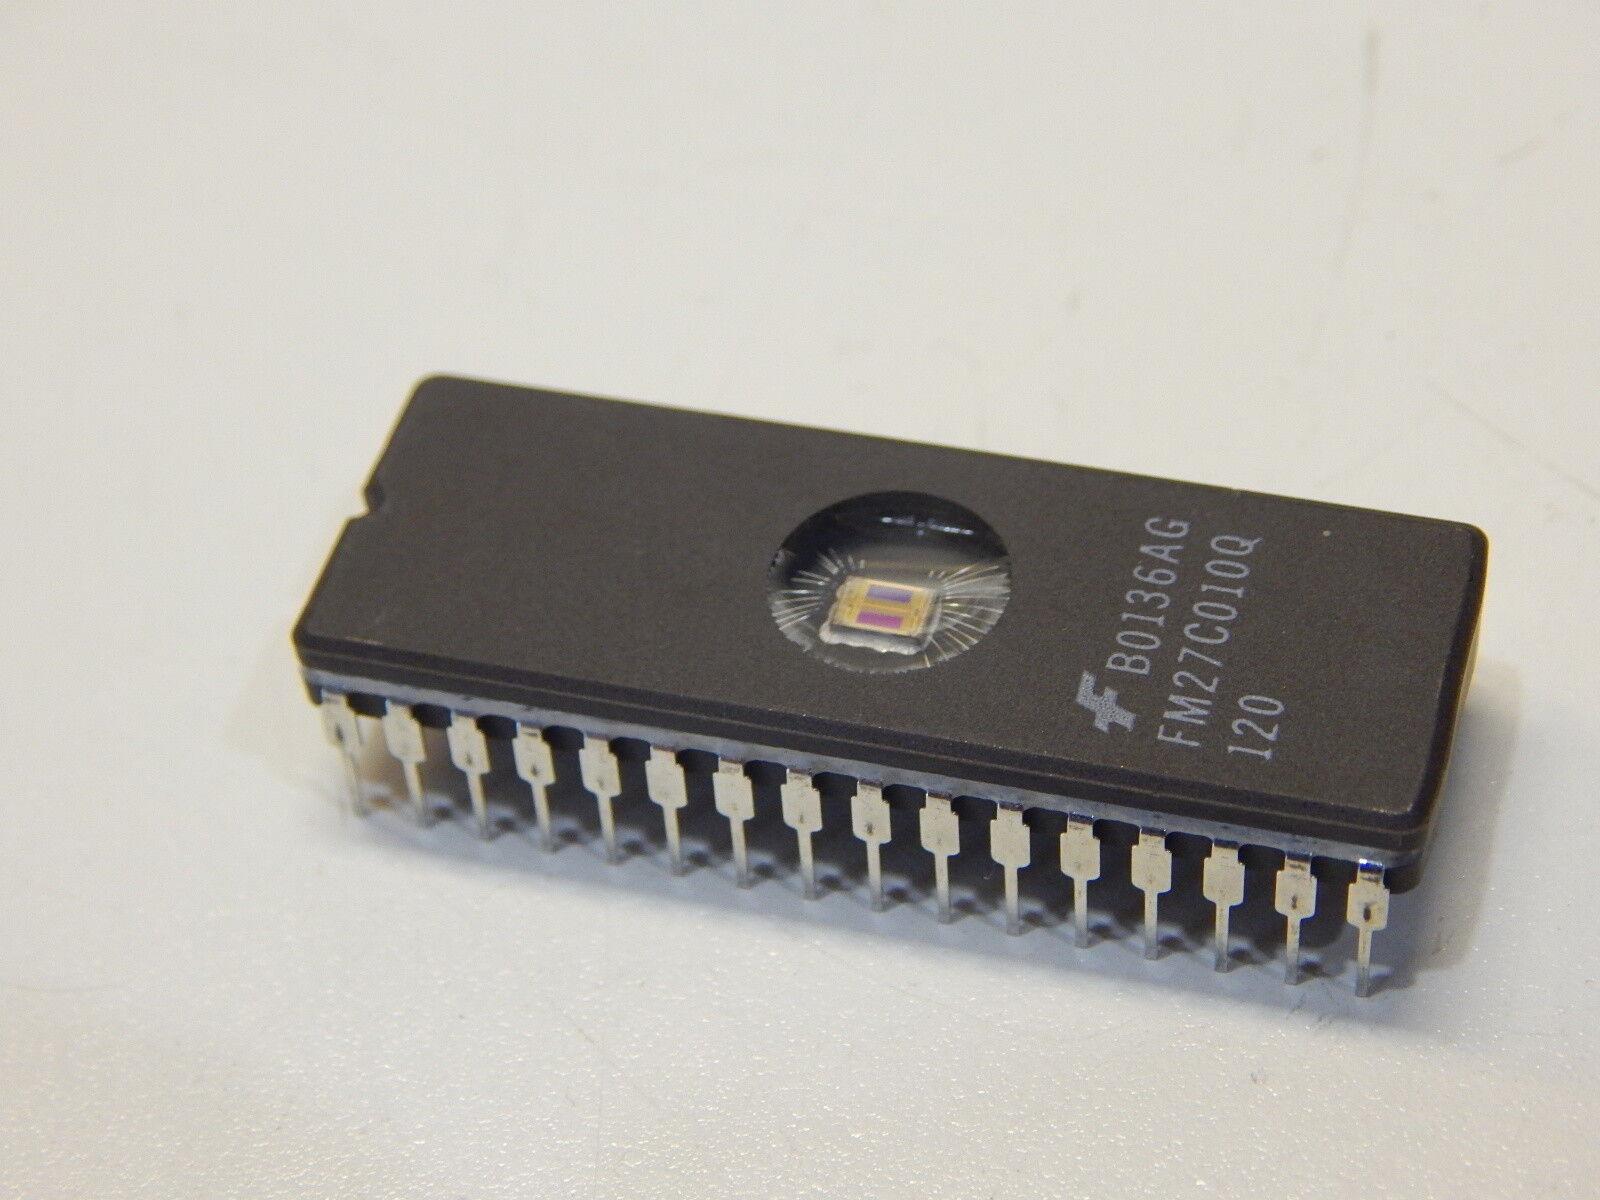 FM27C010Q-120 EPROM CMOS 128K X 8 CERAMIC DIP IC 32 PIN